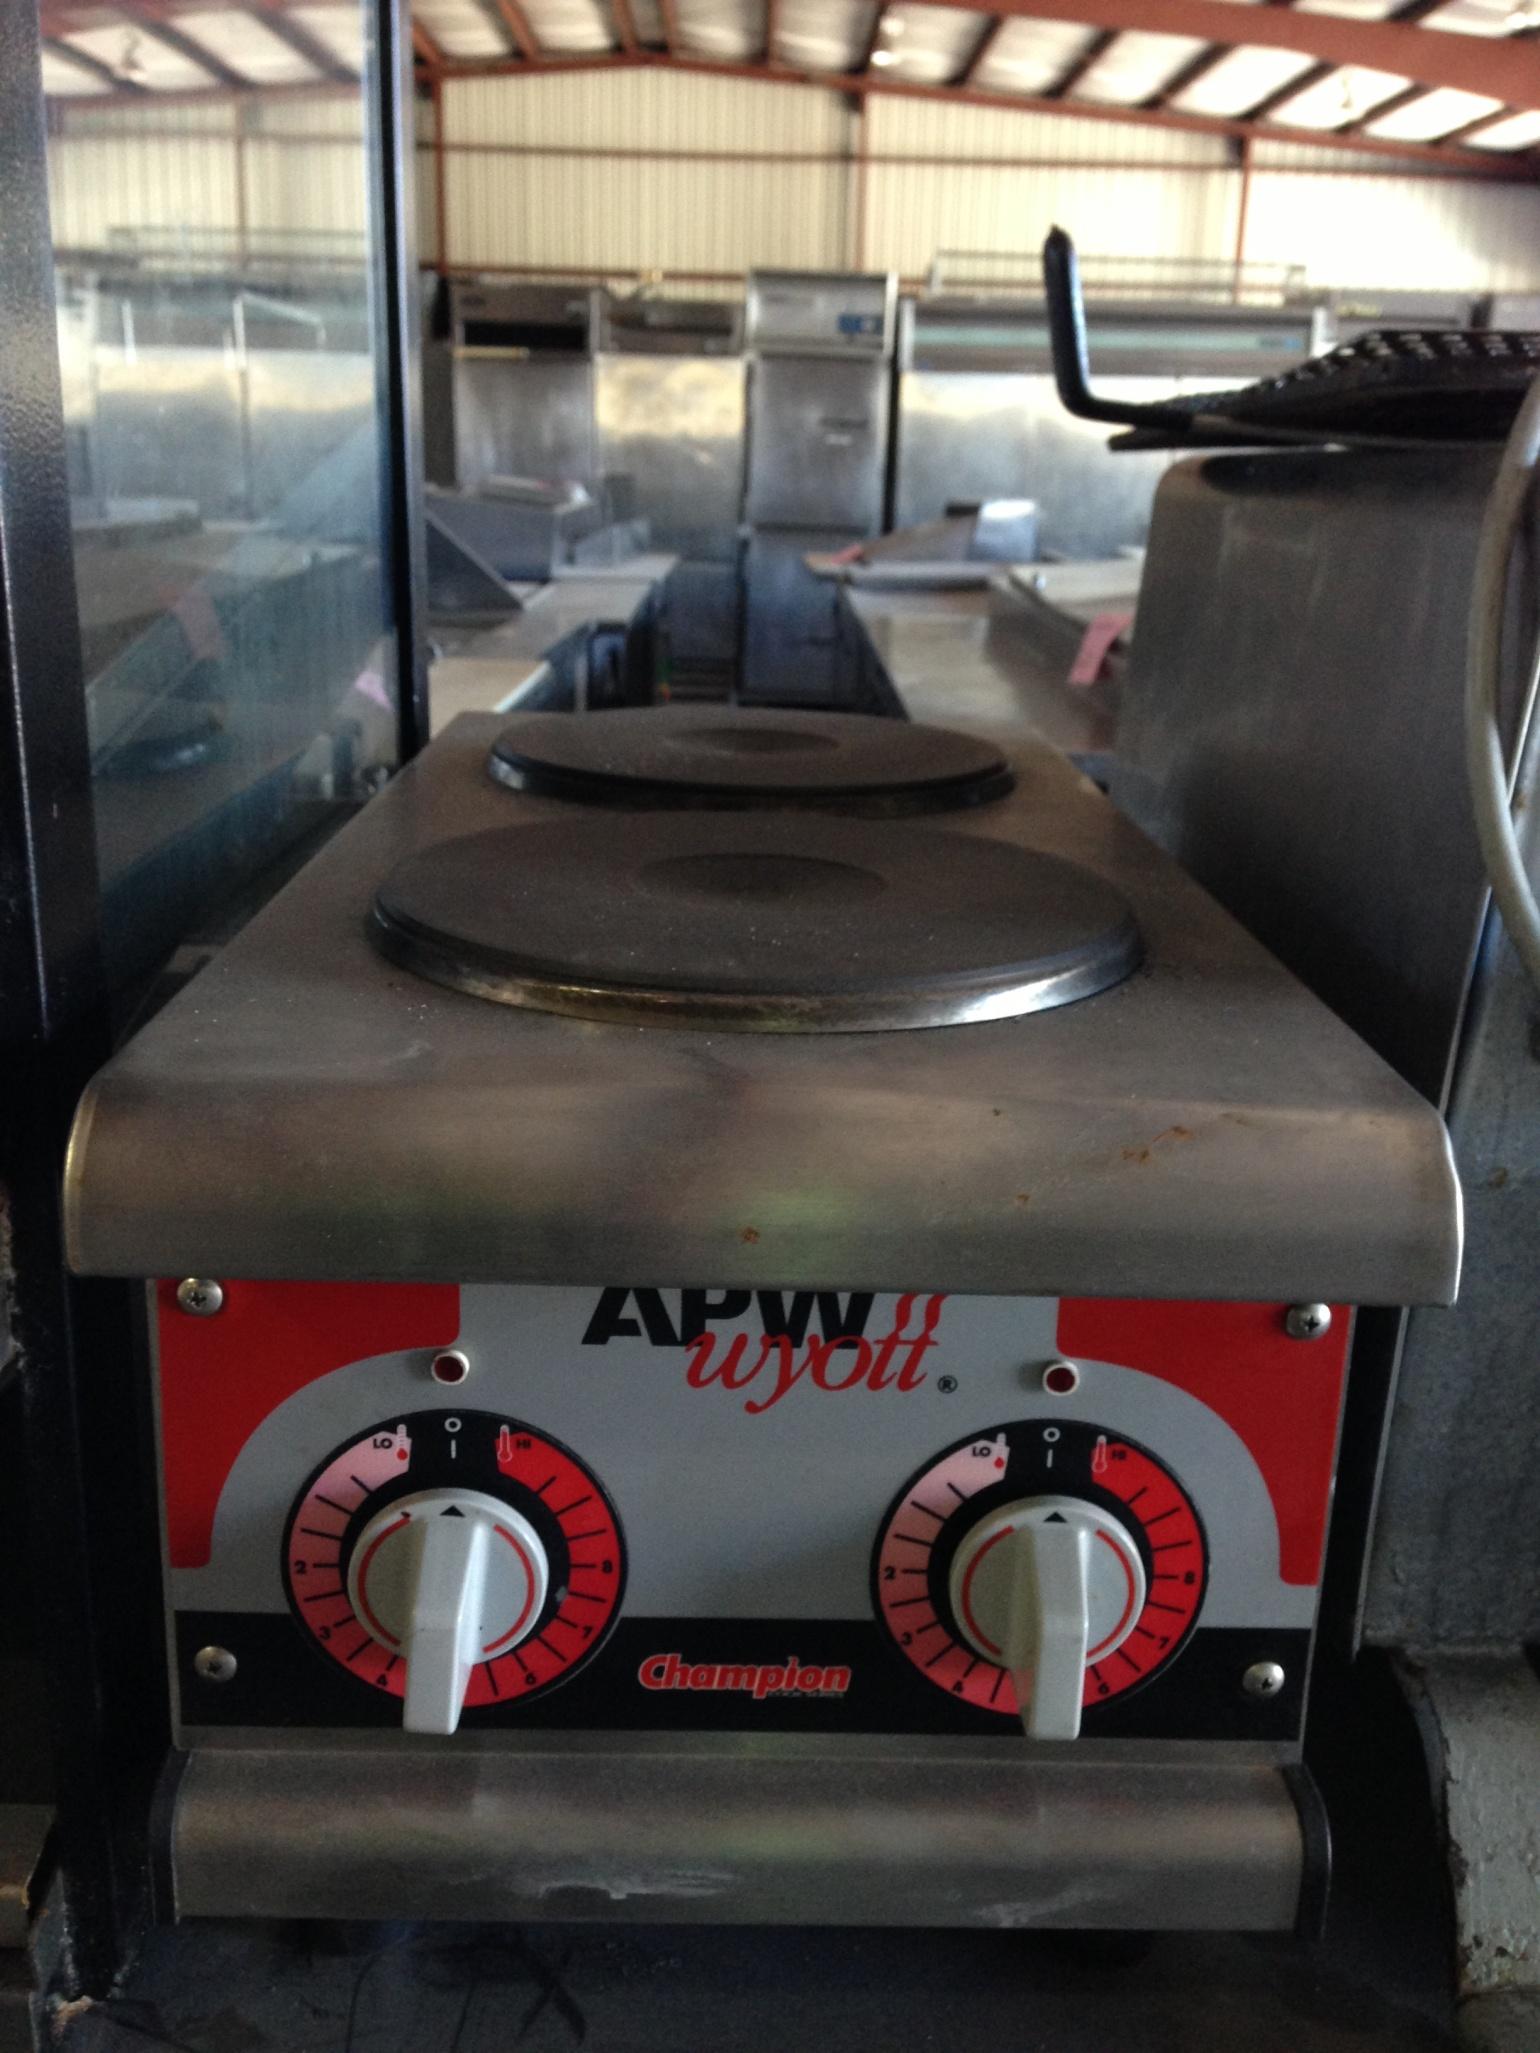 APW Wyott Countertop 2-Burner